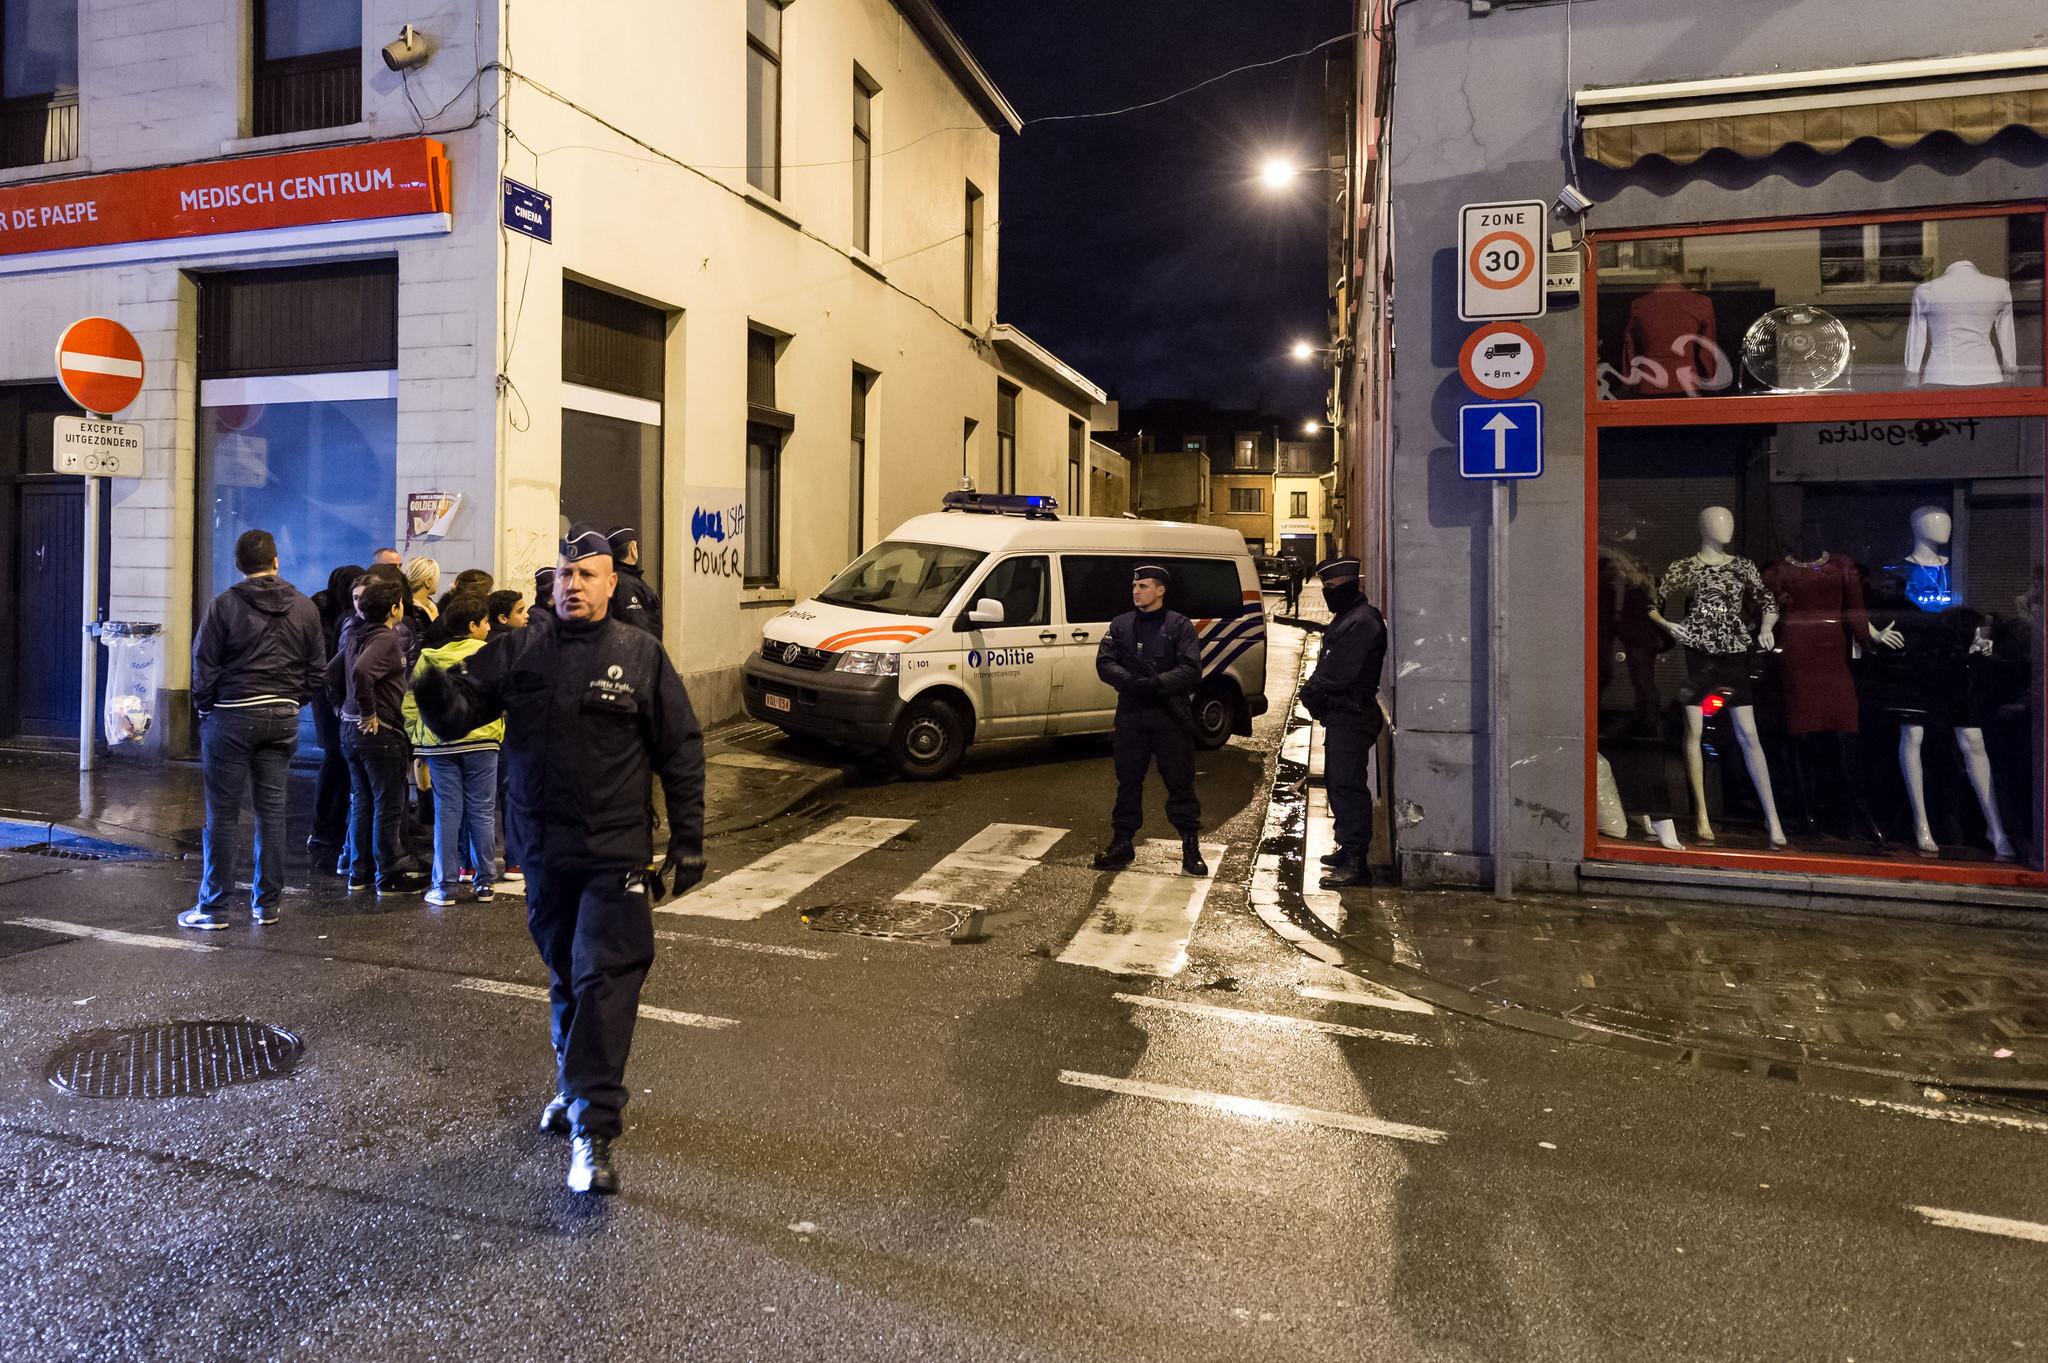 hoyla-int-bruselas-bajo-amenaza-terrorista-tras-atentados-en-paris-20151121